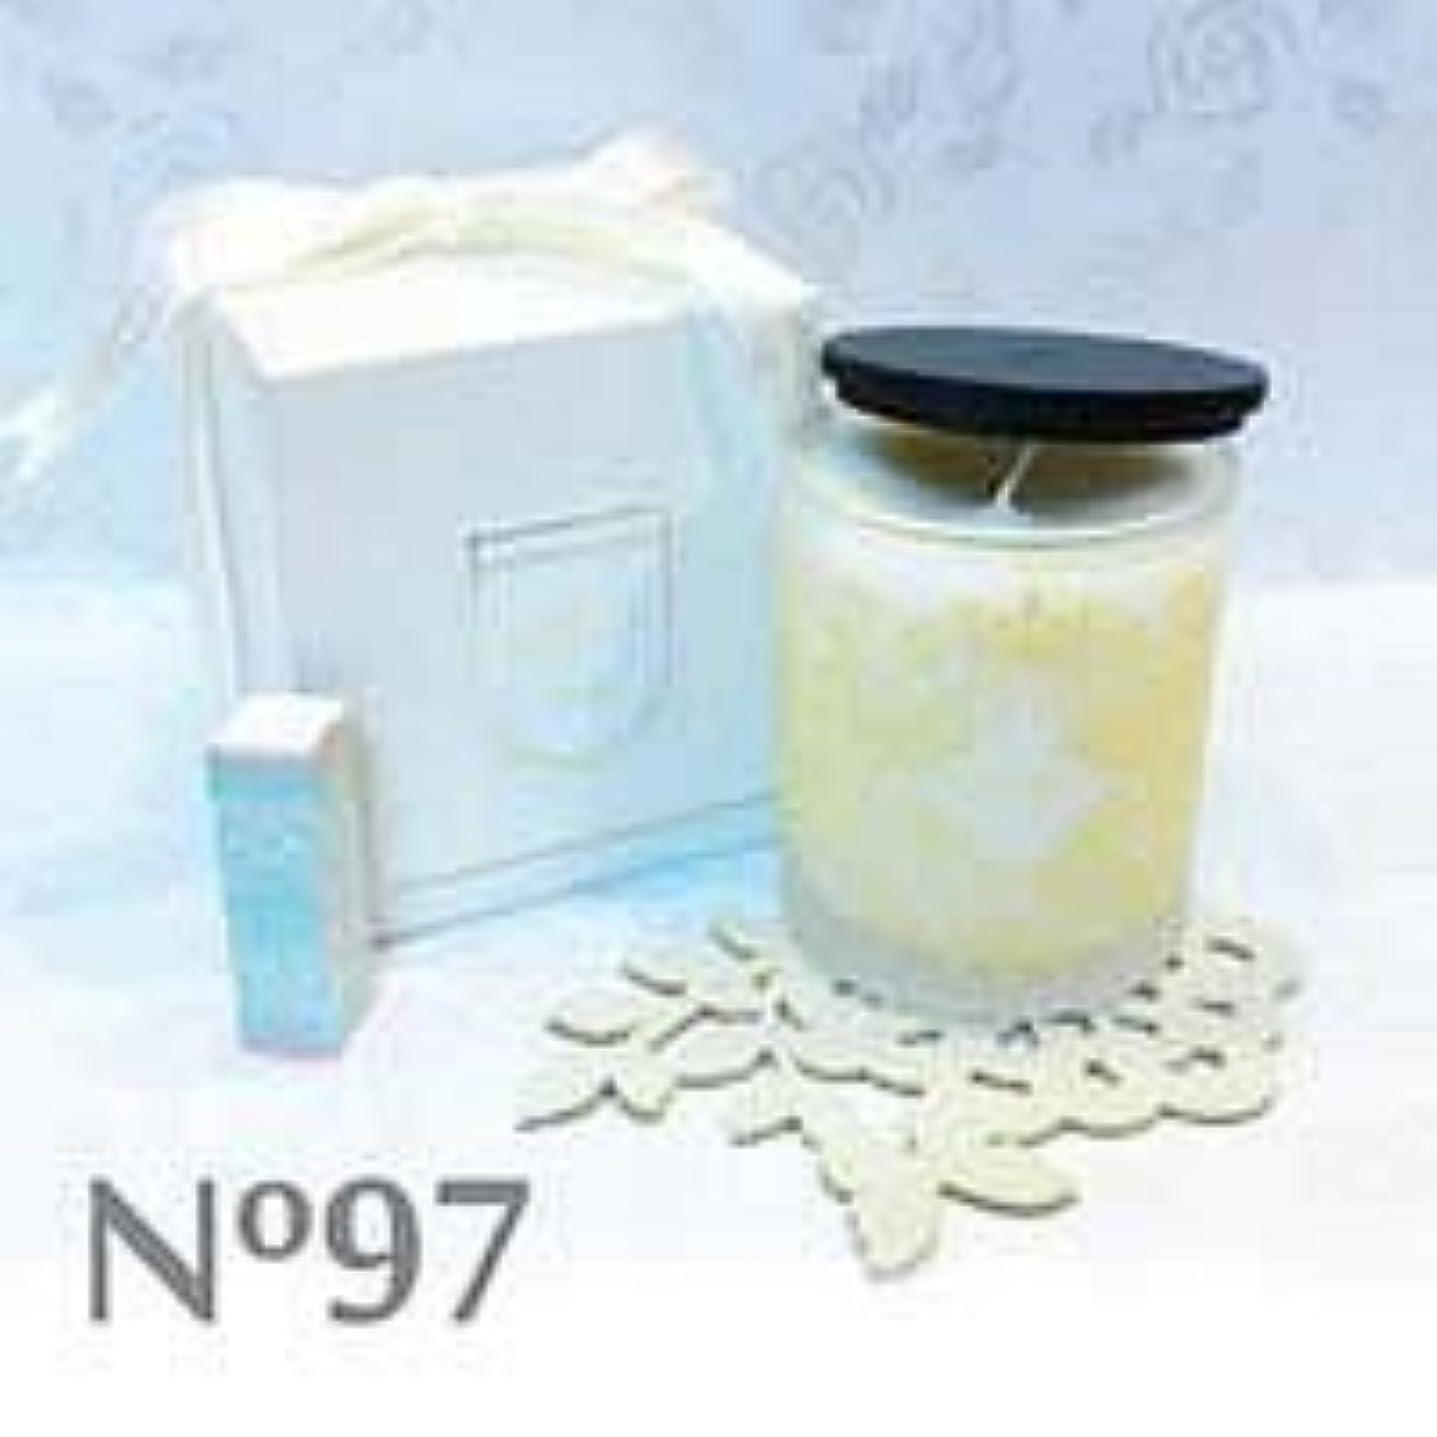 発表可決オゾンアロマキャンドル parfum No.97